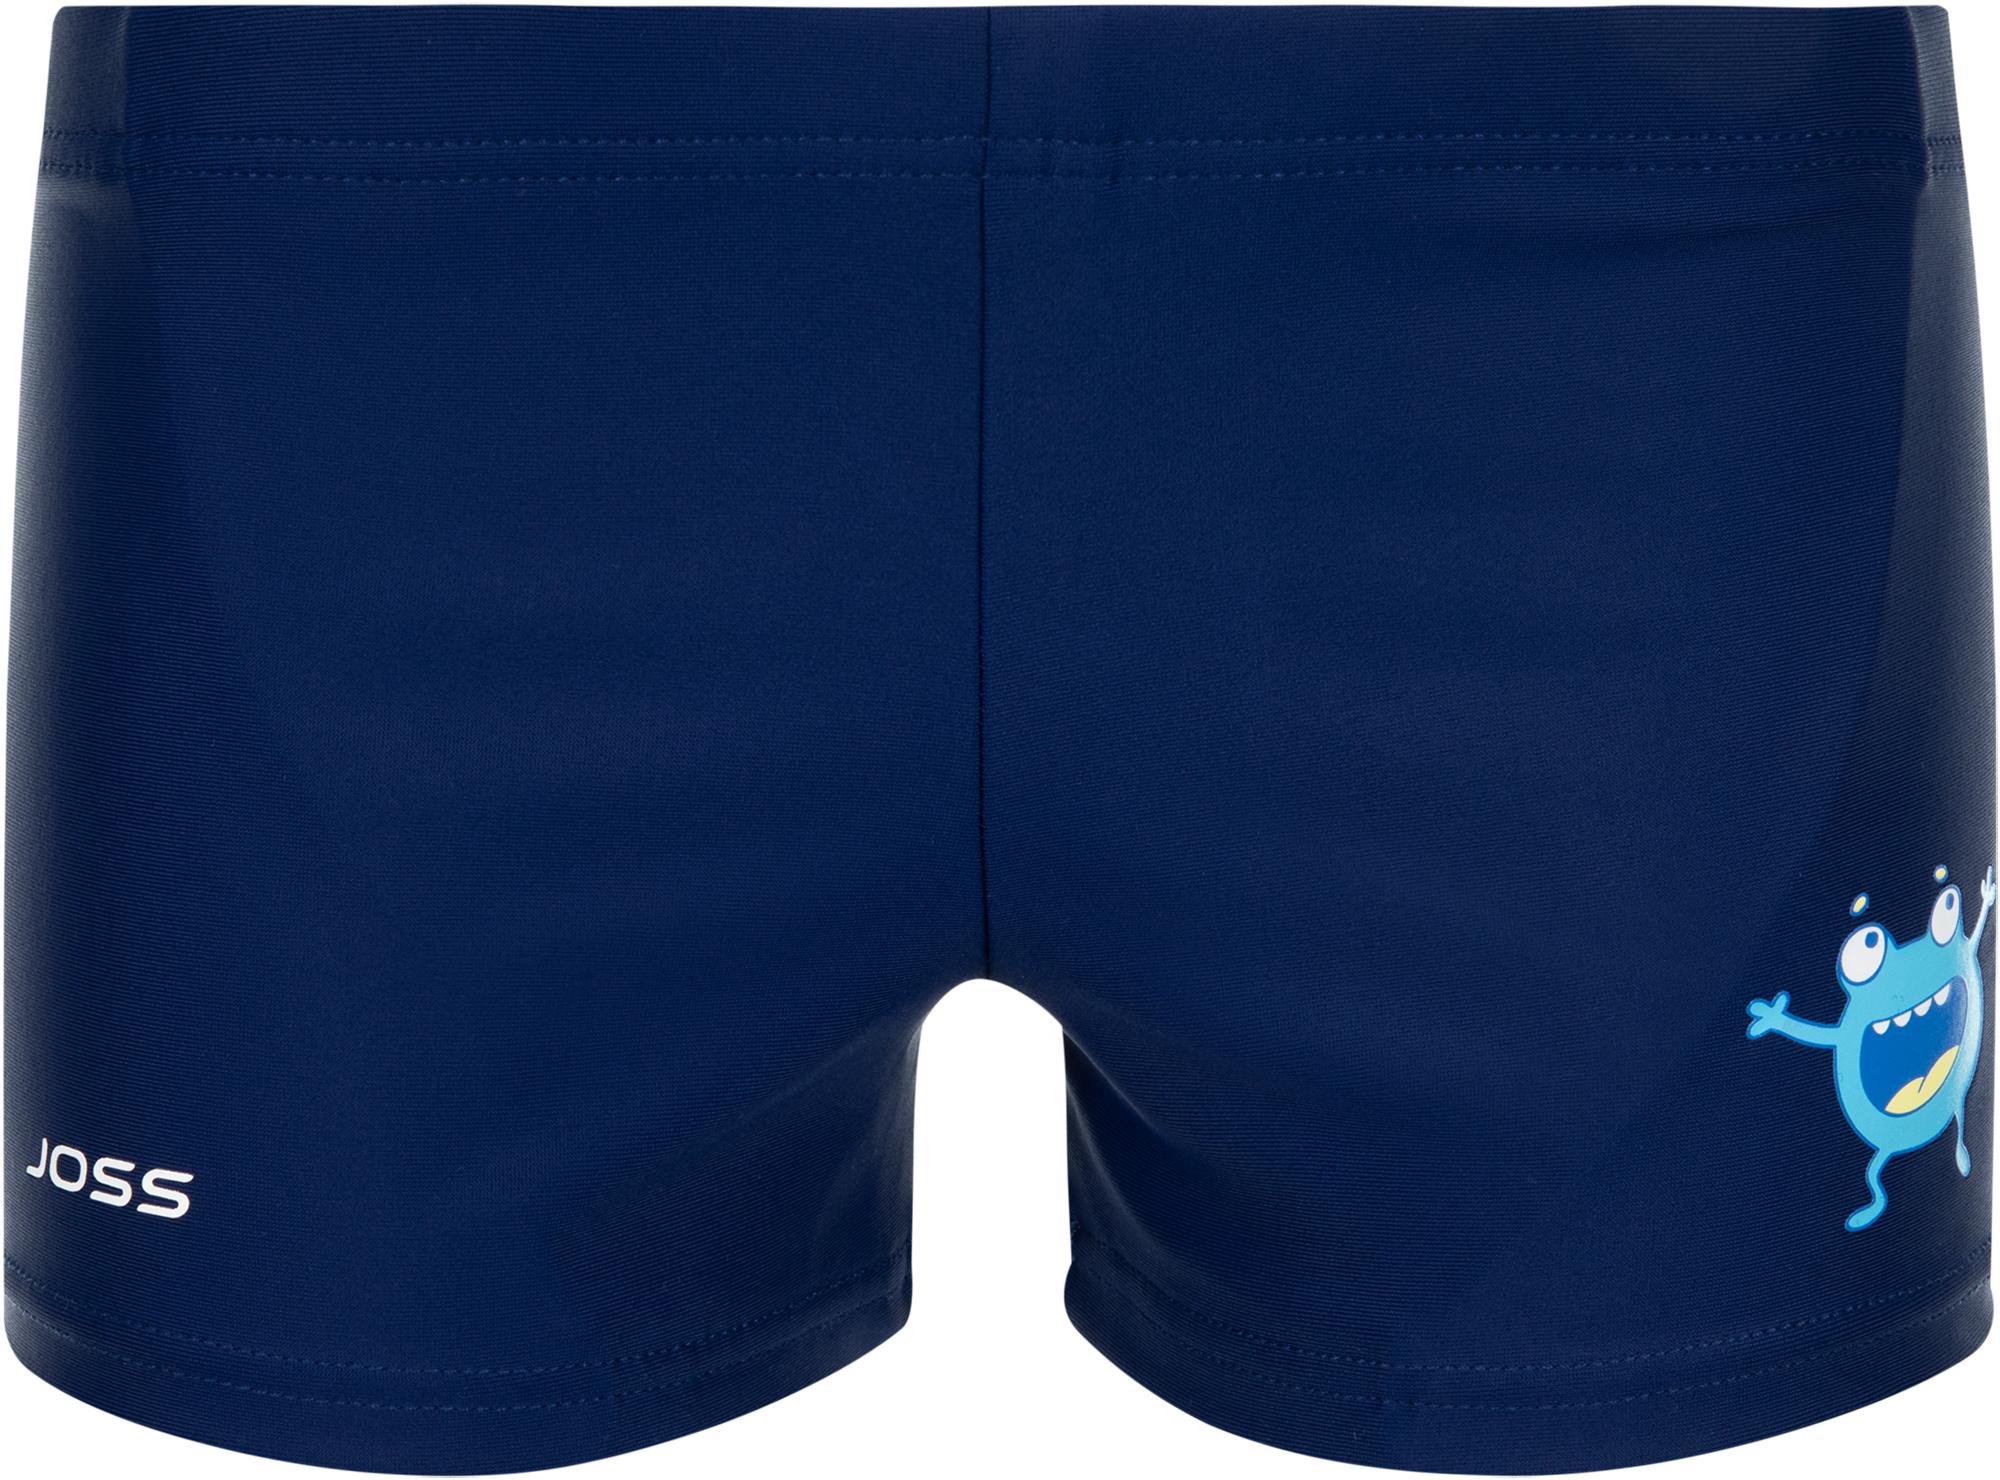 купить Joss Плавки-шорты для мальчиков Joss, размер 122 дешево